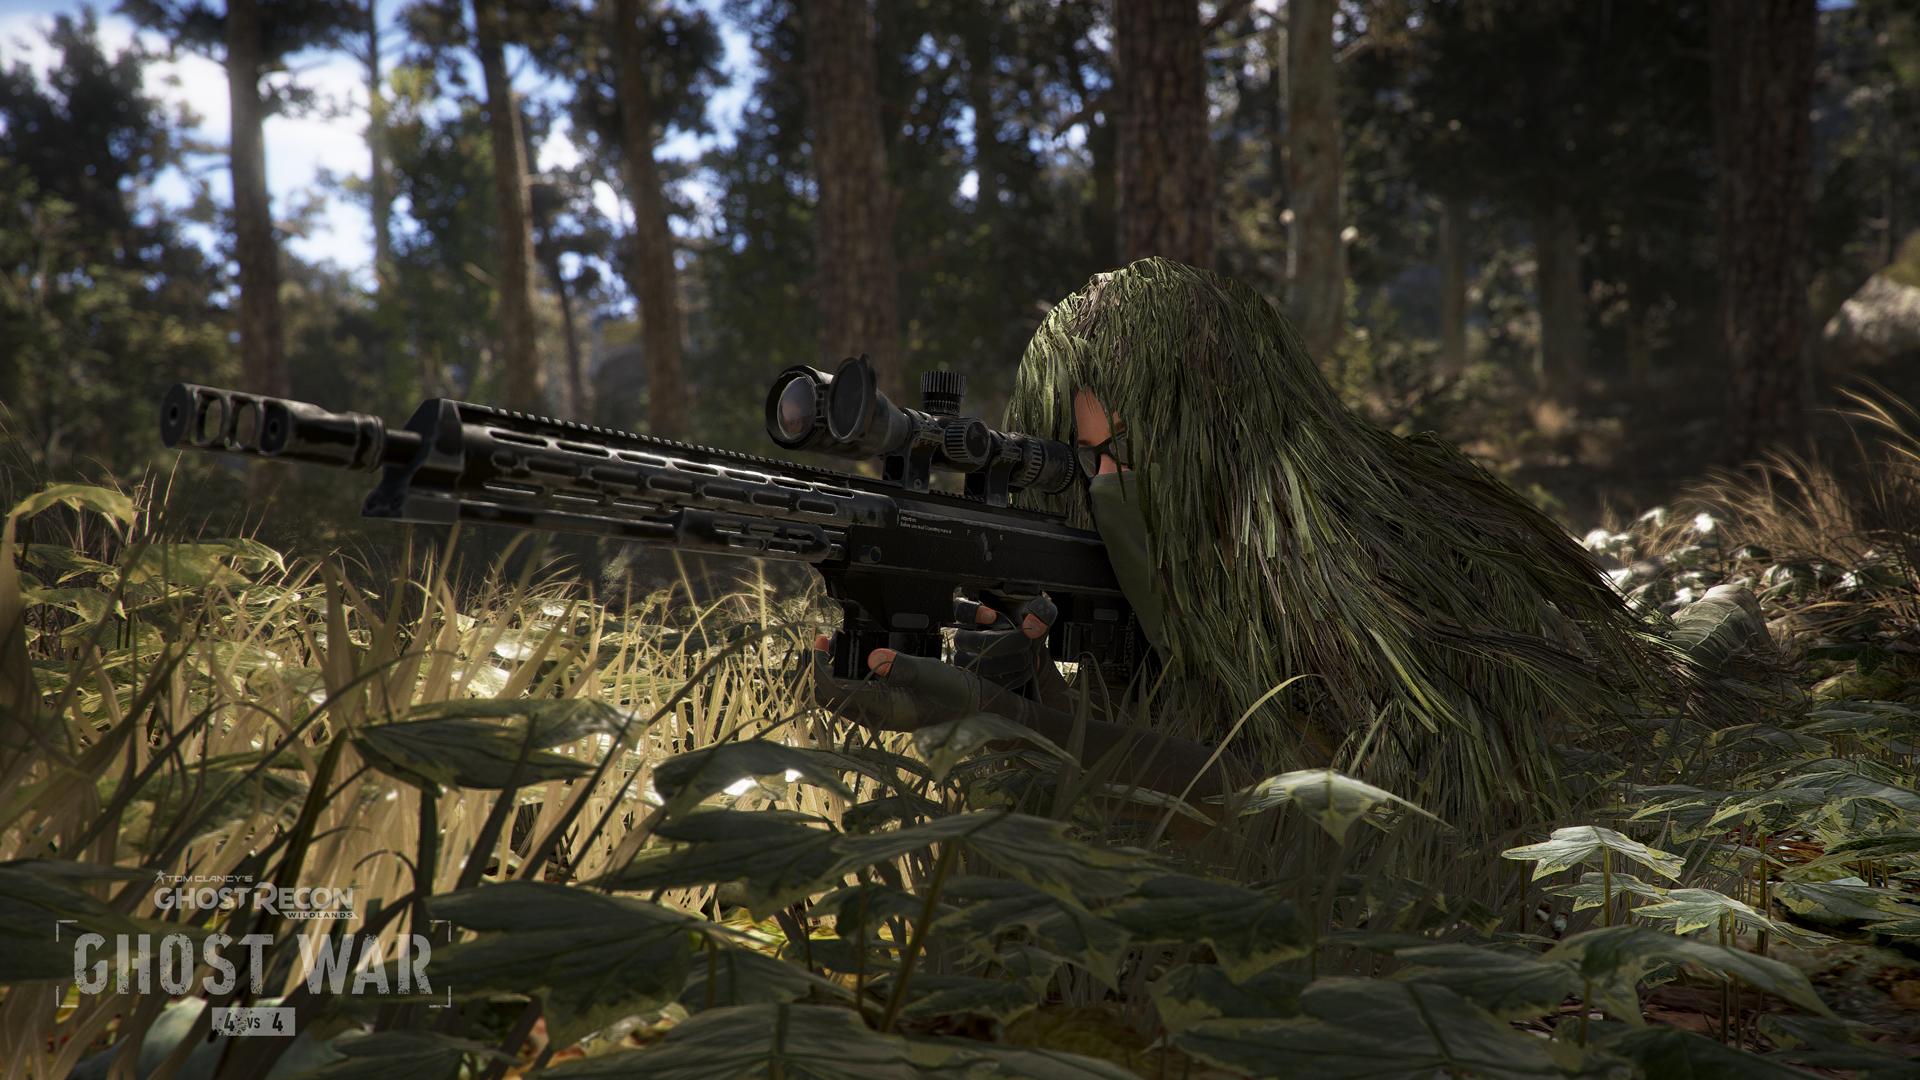 GRW_PVP_OB_Sniper_1920x1080_1505233954